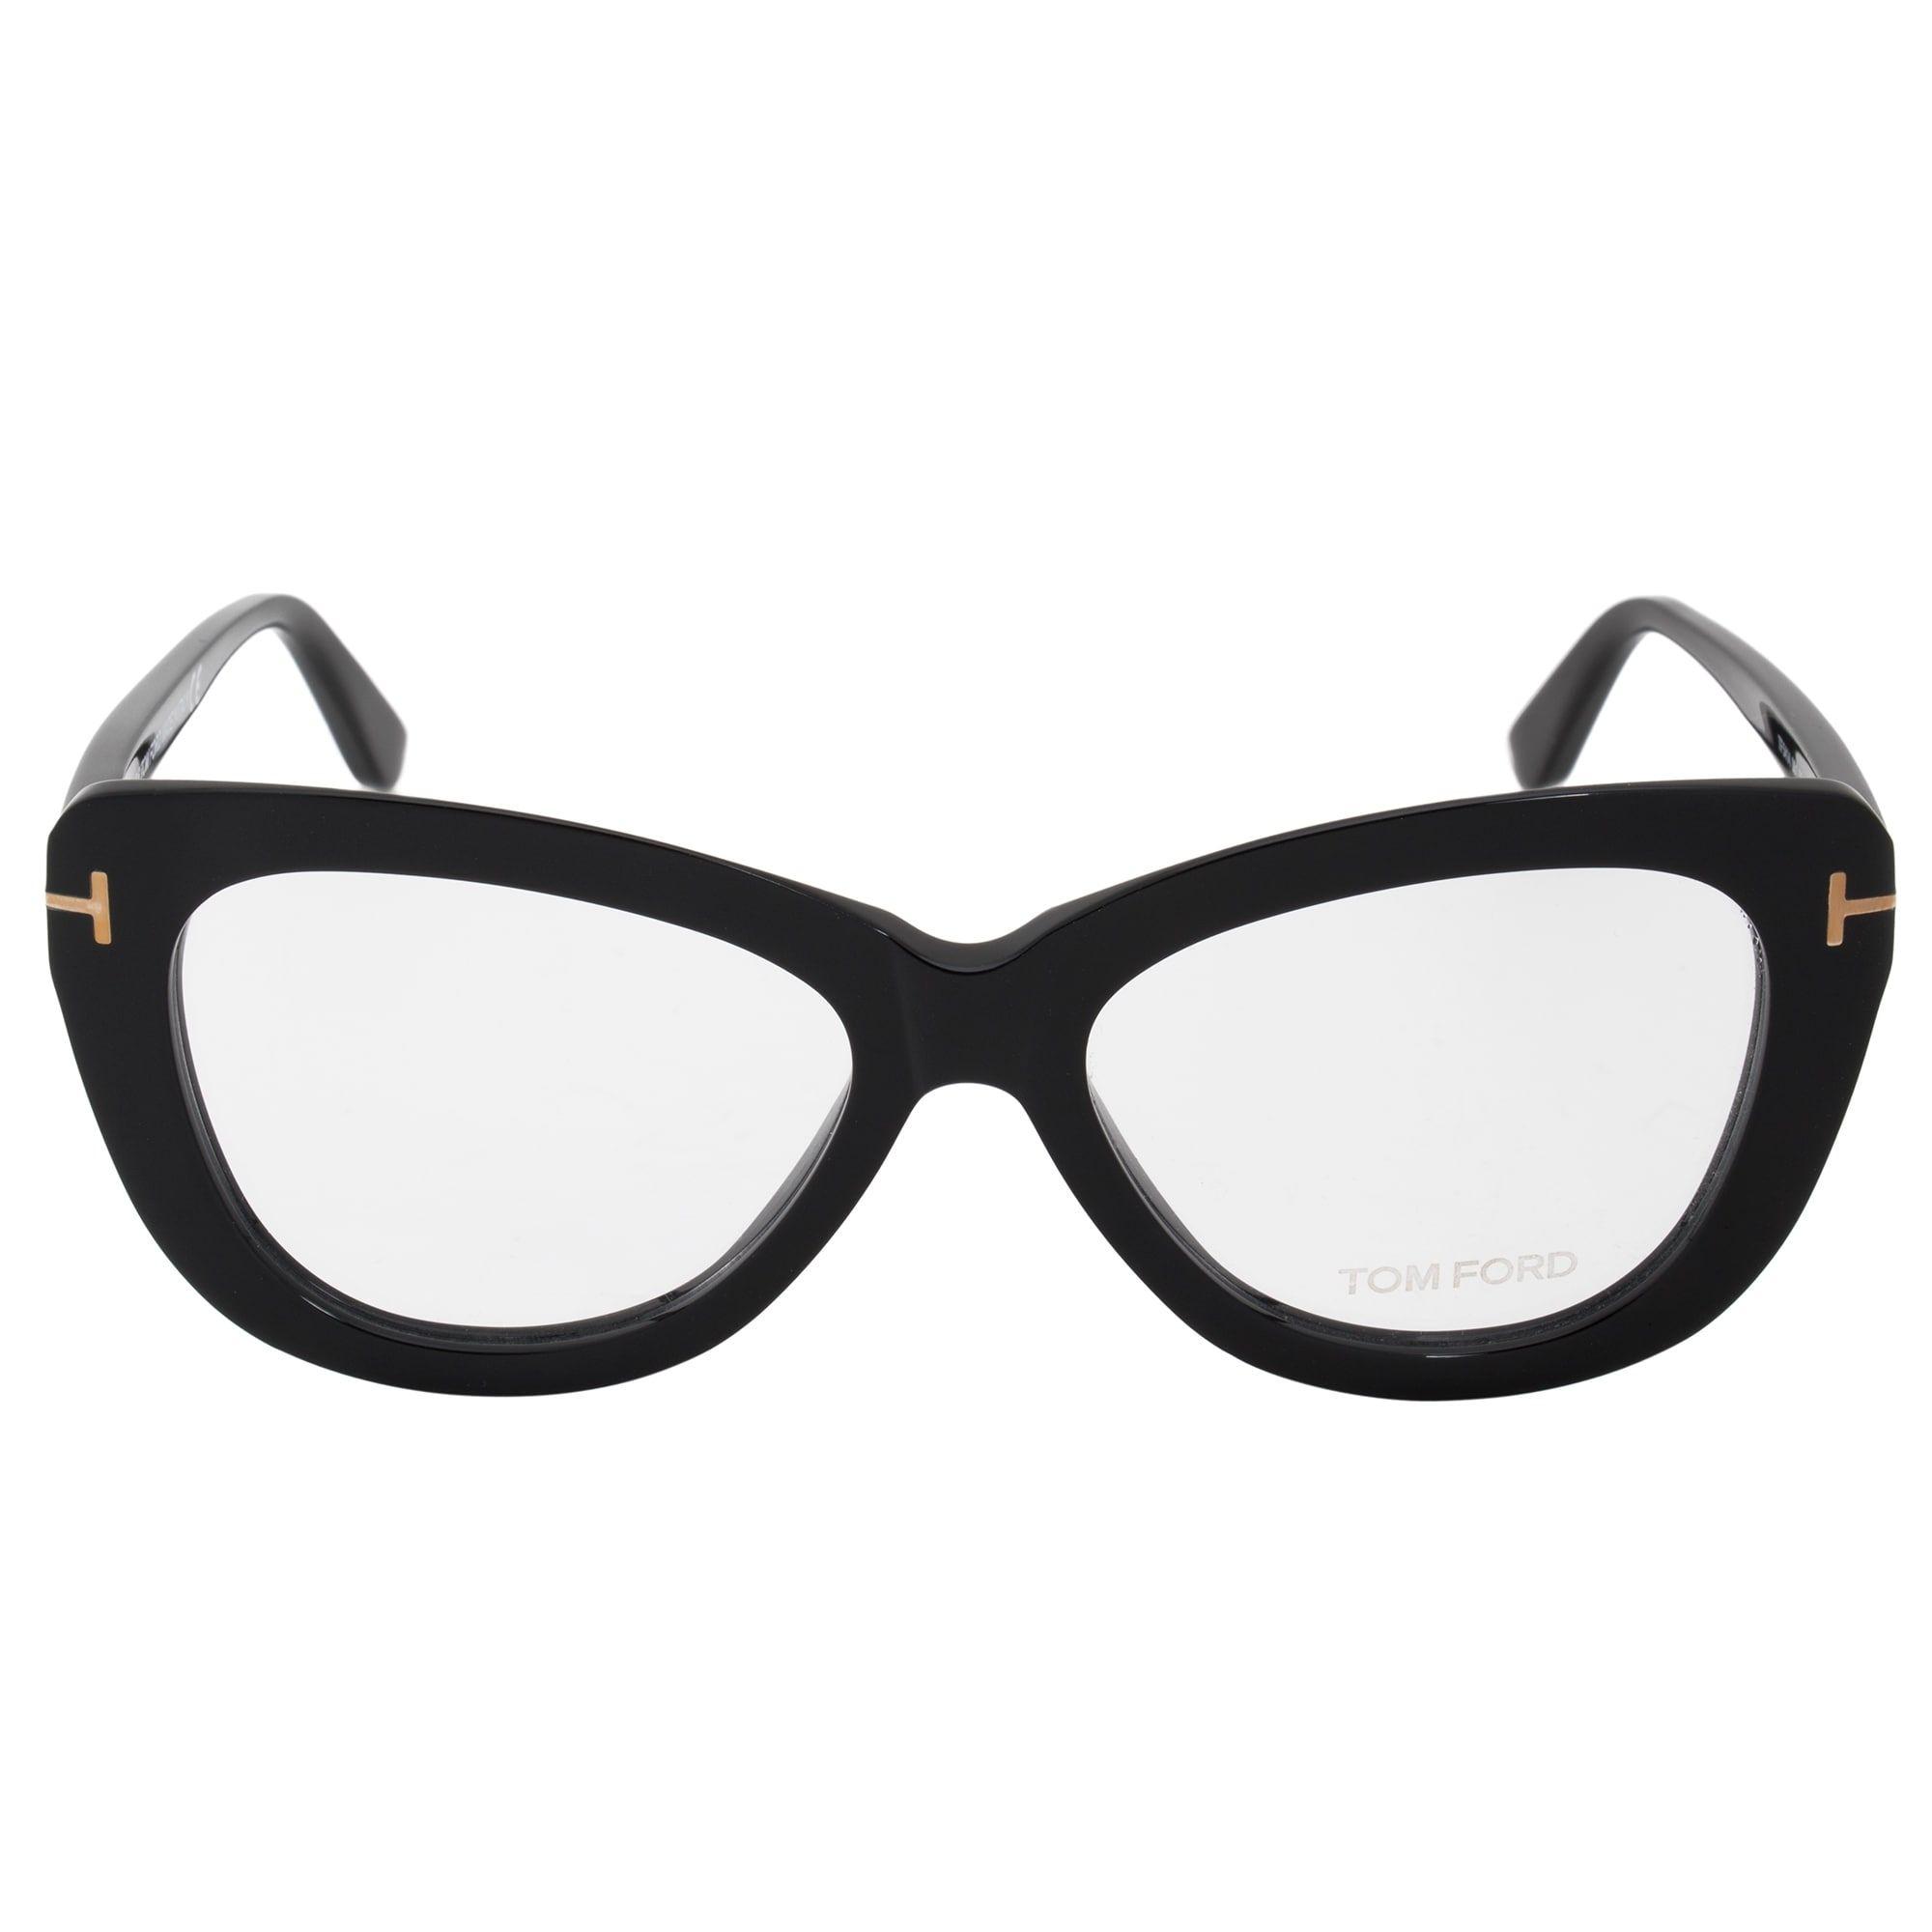 noir beige man aviator ft eyeglasses hd ford tom